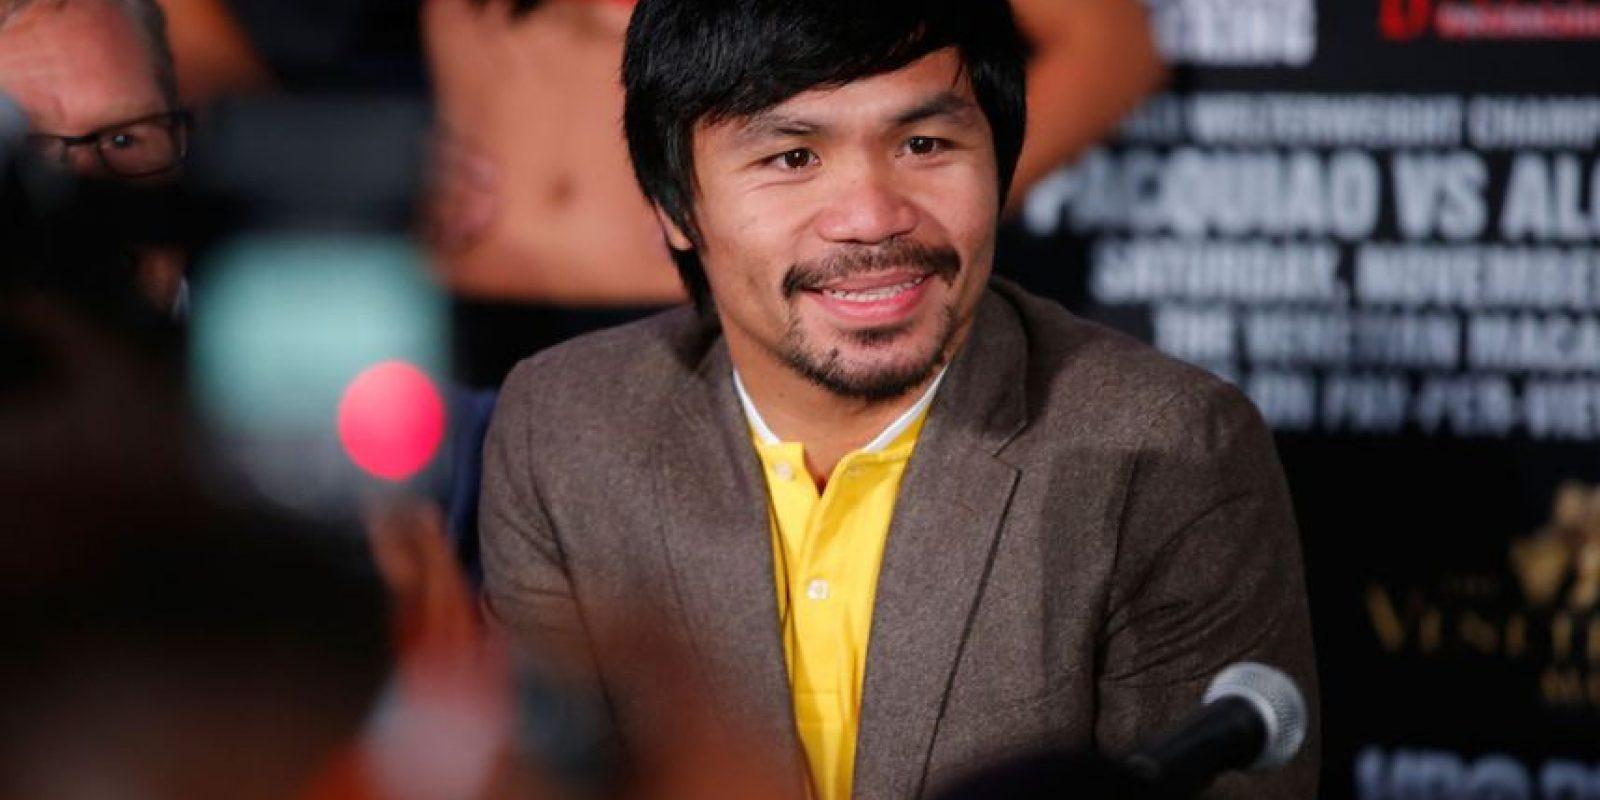 Tras perder en varias ocasiones, Pacquiao finalmente obtuvo un escaño en el Parlamento de Filipinas en 2010. Foto:Getty Images